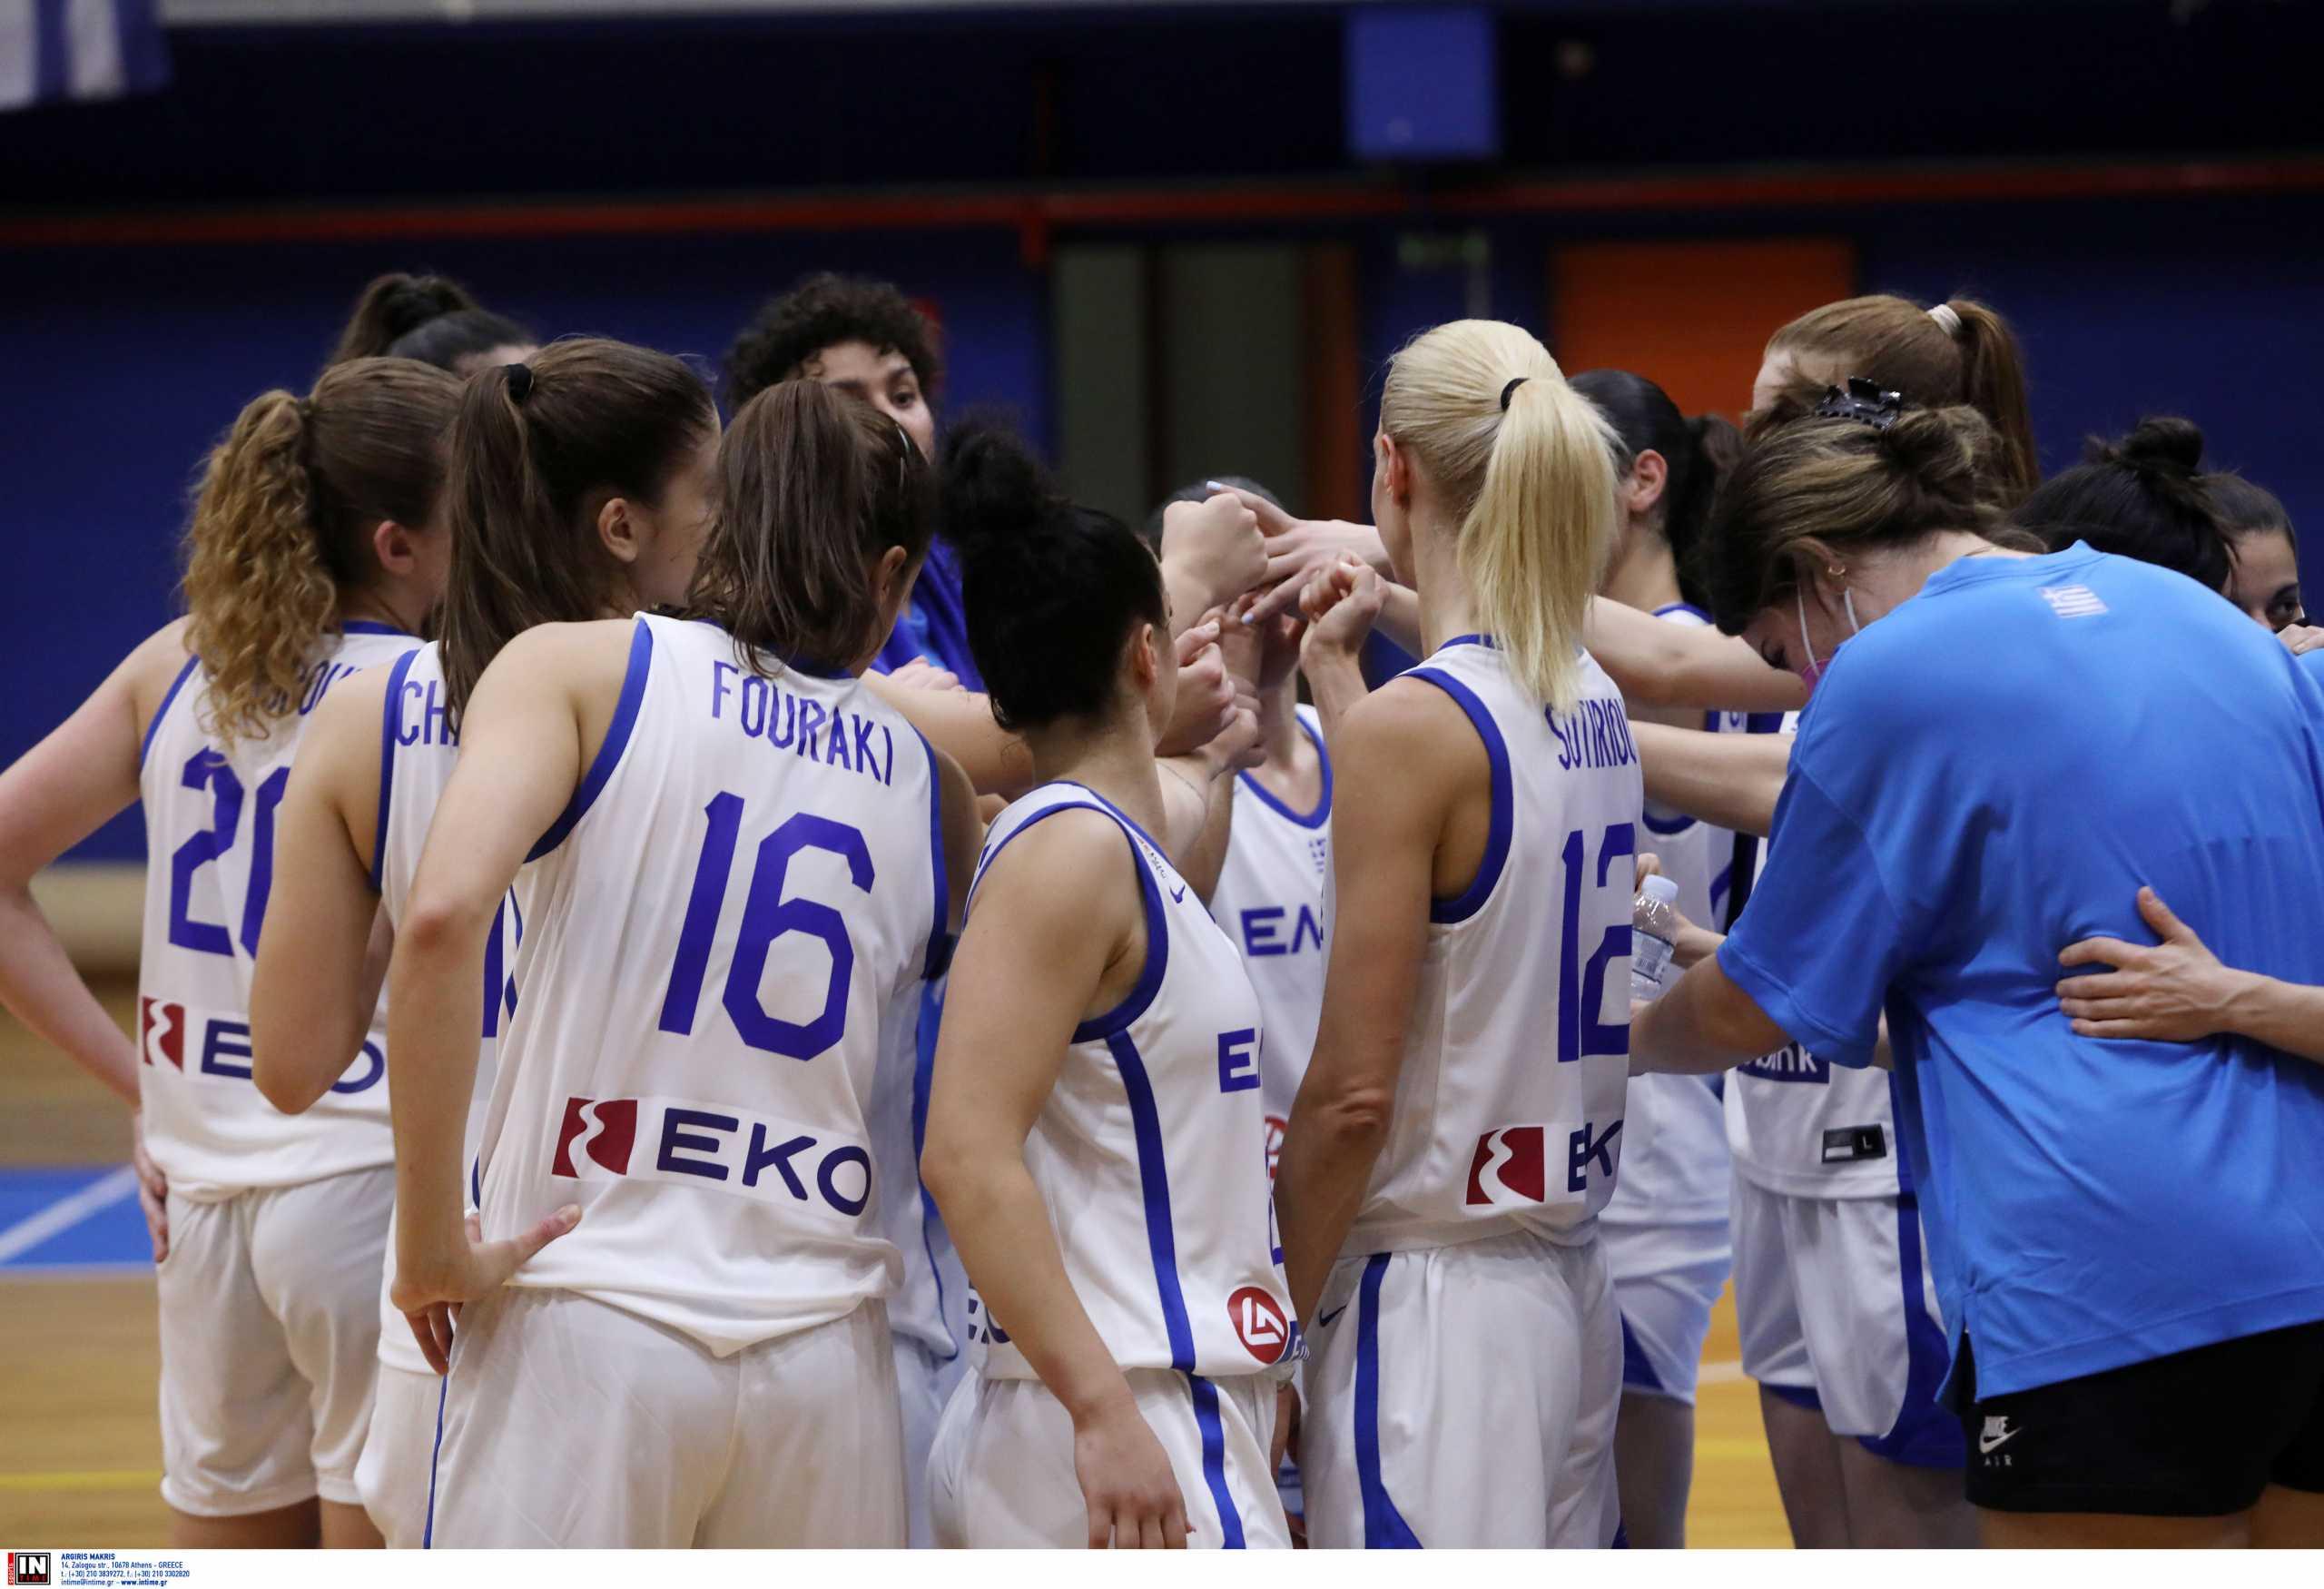 Εθνική Ελλάδας: Με το «αριστερό» στο Ευρωμπάσκετ γυναικών